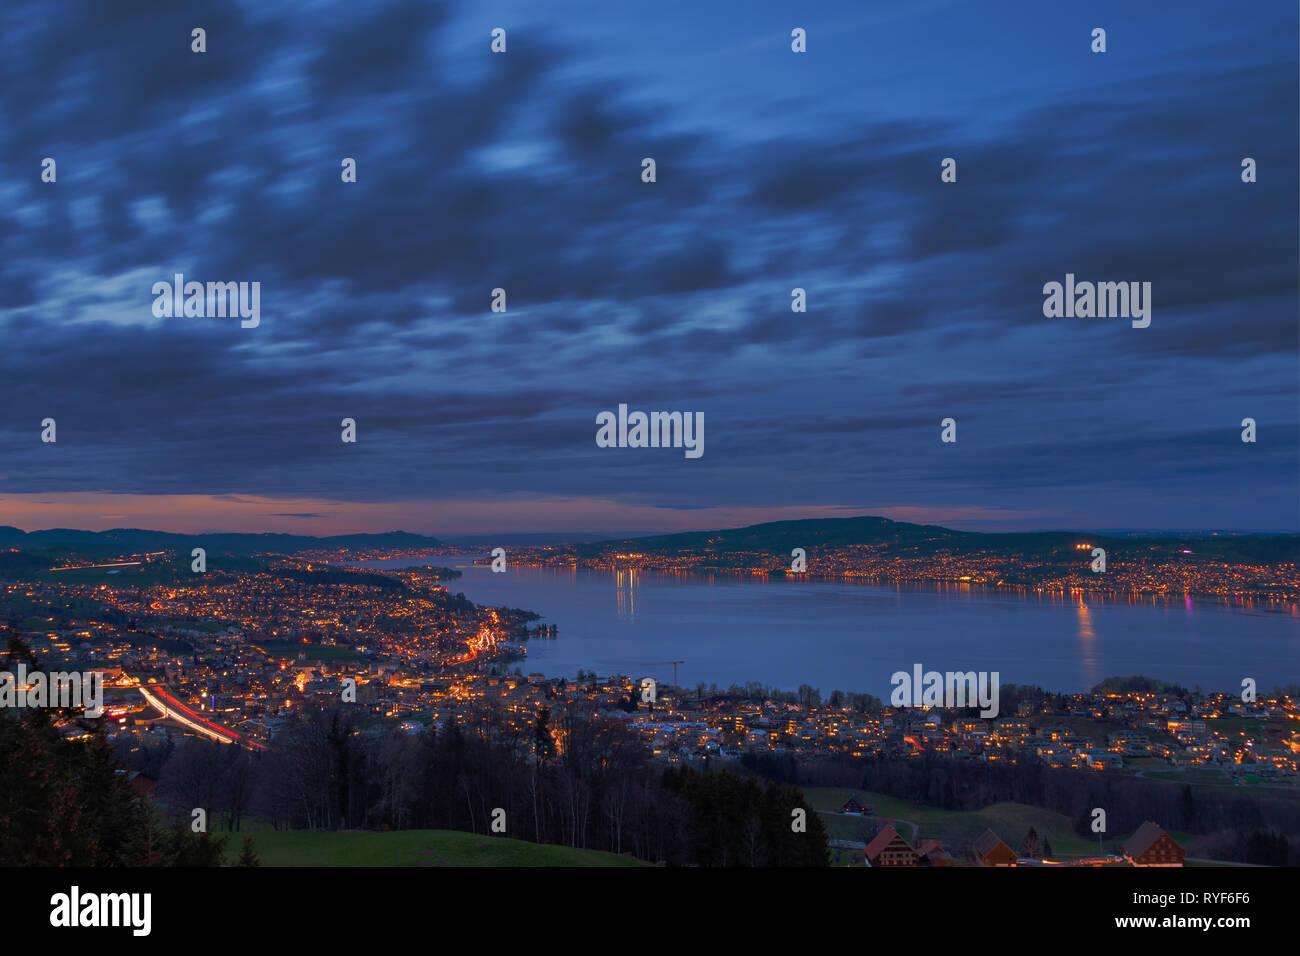 Züricher See zur blauen Stunde - Stock Image